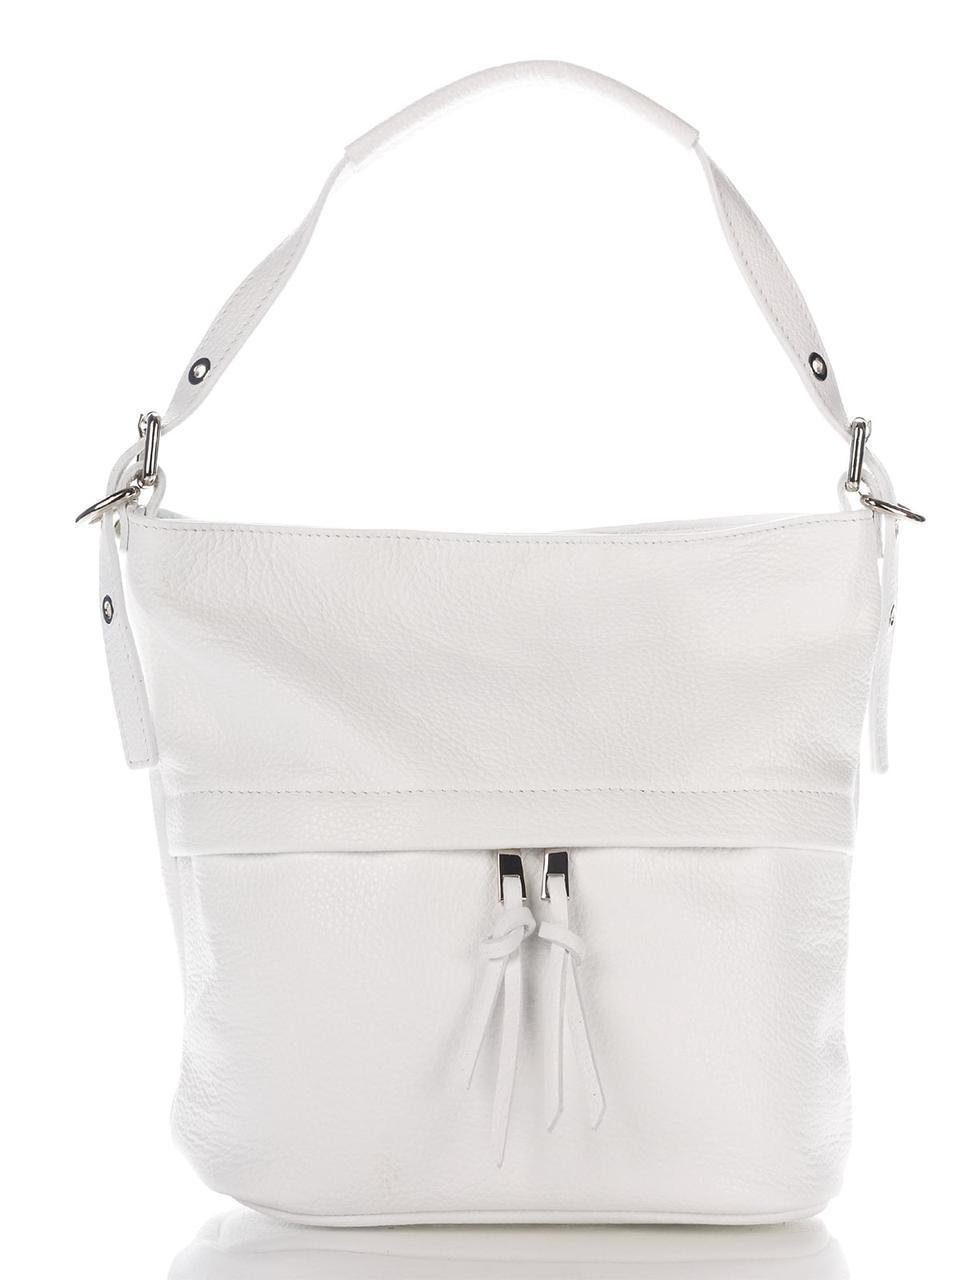 Женская кожаная сумка MAYA Diva's Bag цвет белый